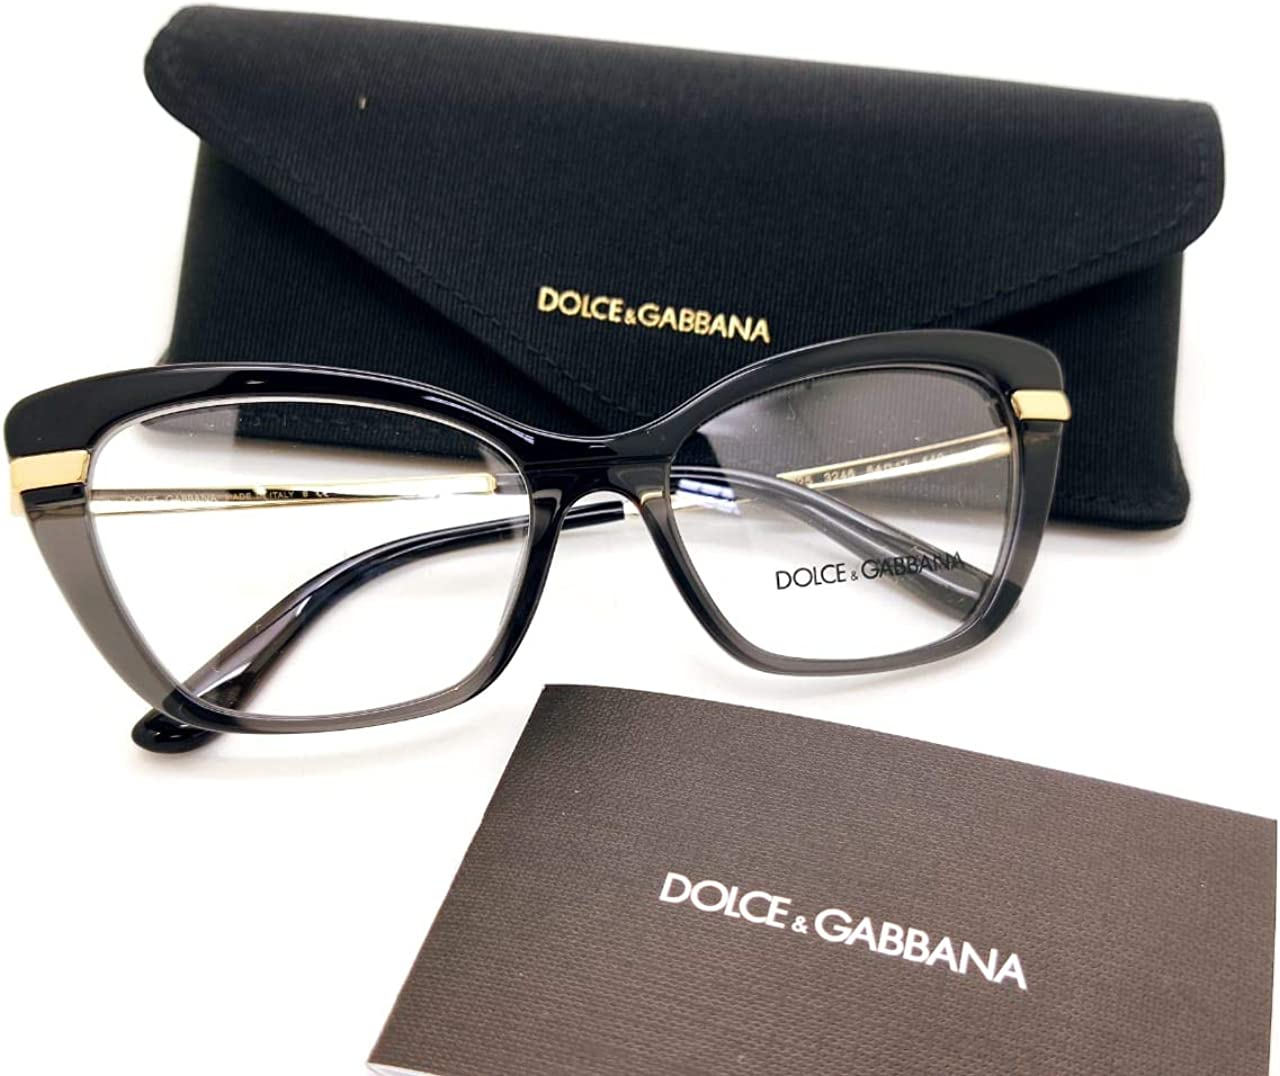 Dolce & Gabbana Gafas de Vista HALF PRINT DG 3325 BLACK 54/17/140 mujer: Amazon.es: Ropa y accesorios